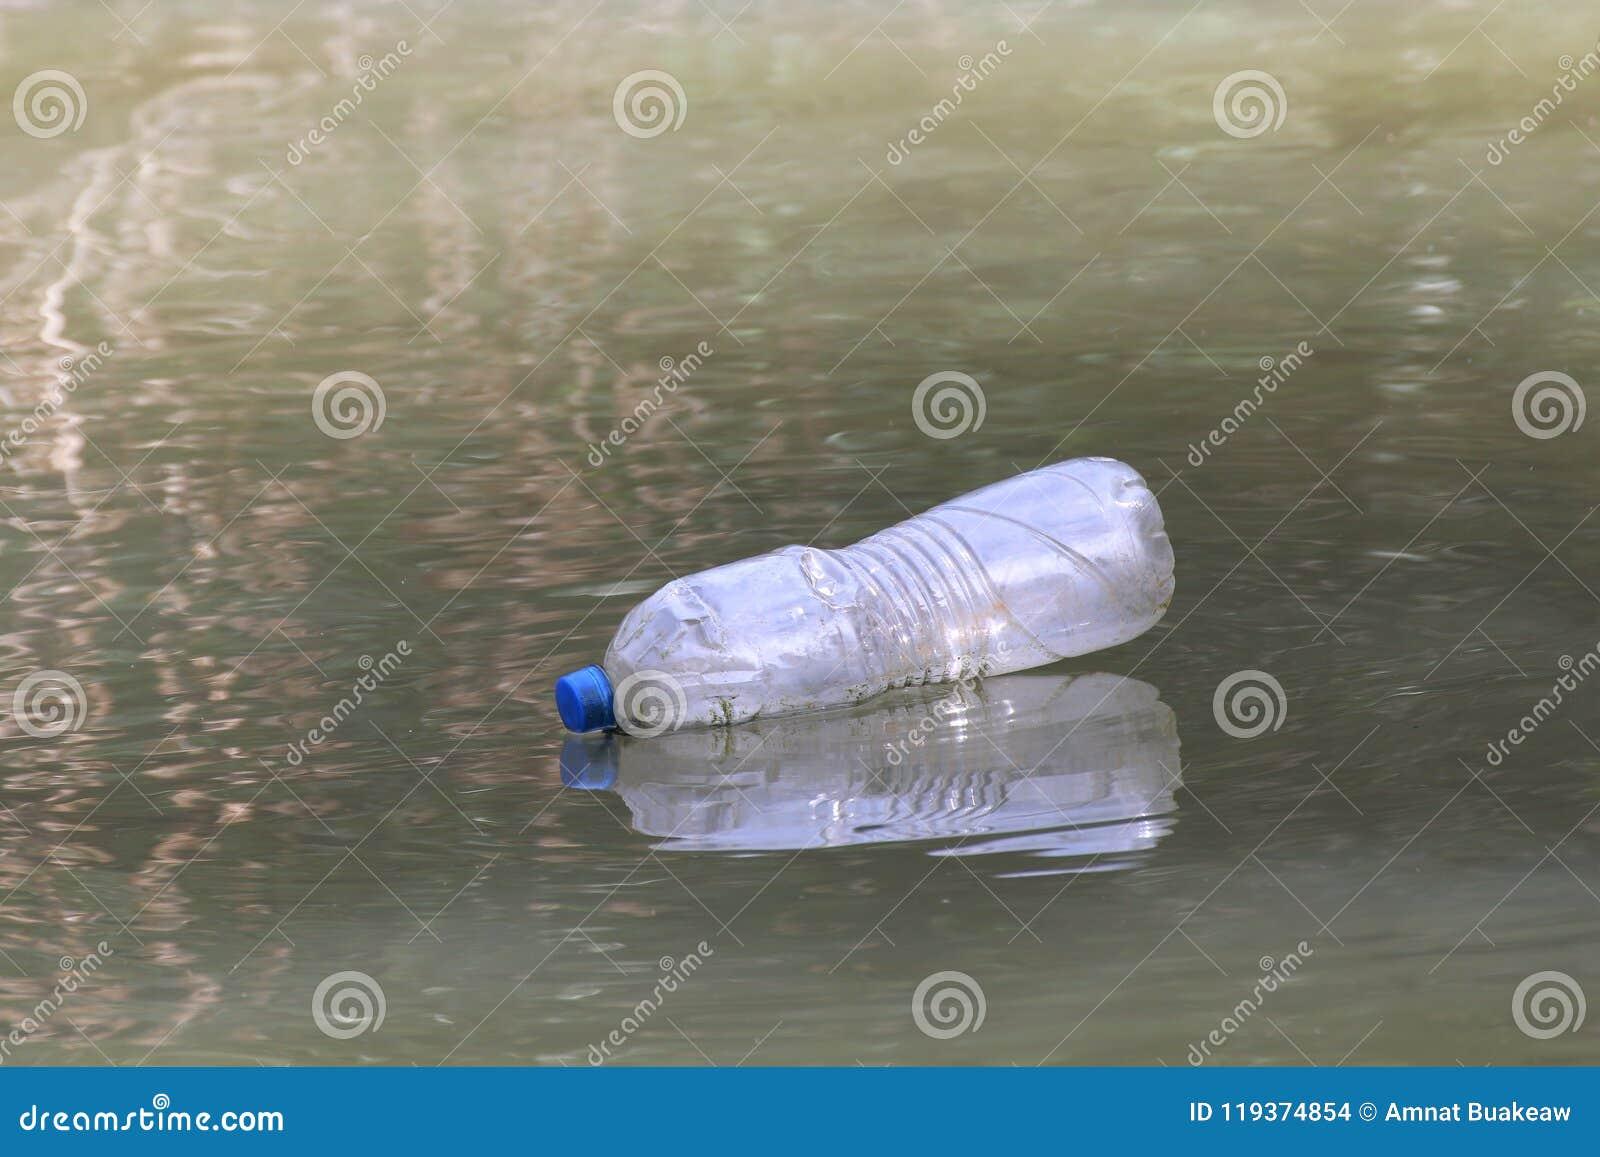 Kunststoffflaschen-Abfall auf der Wasseroberfläche schmutzig, faules Wasser, Flaschen-Abfall